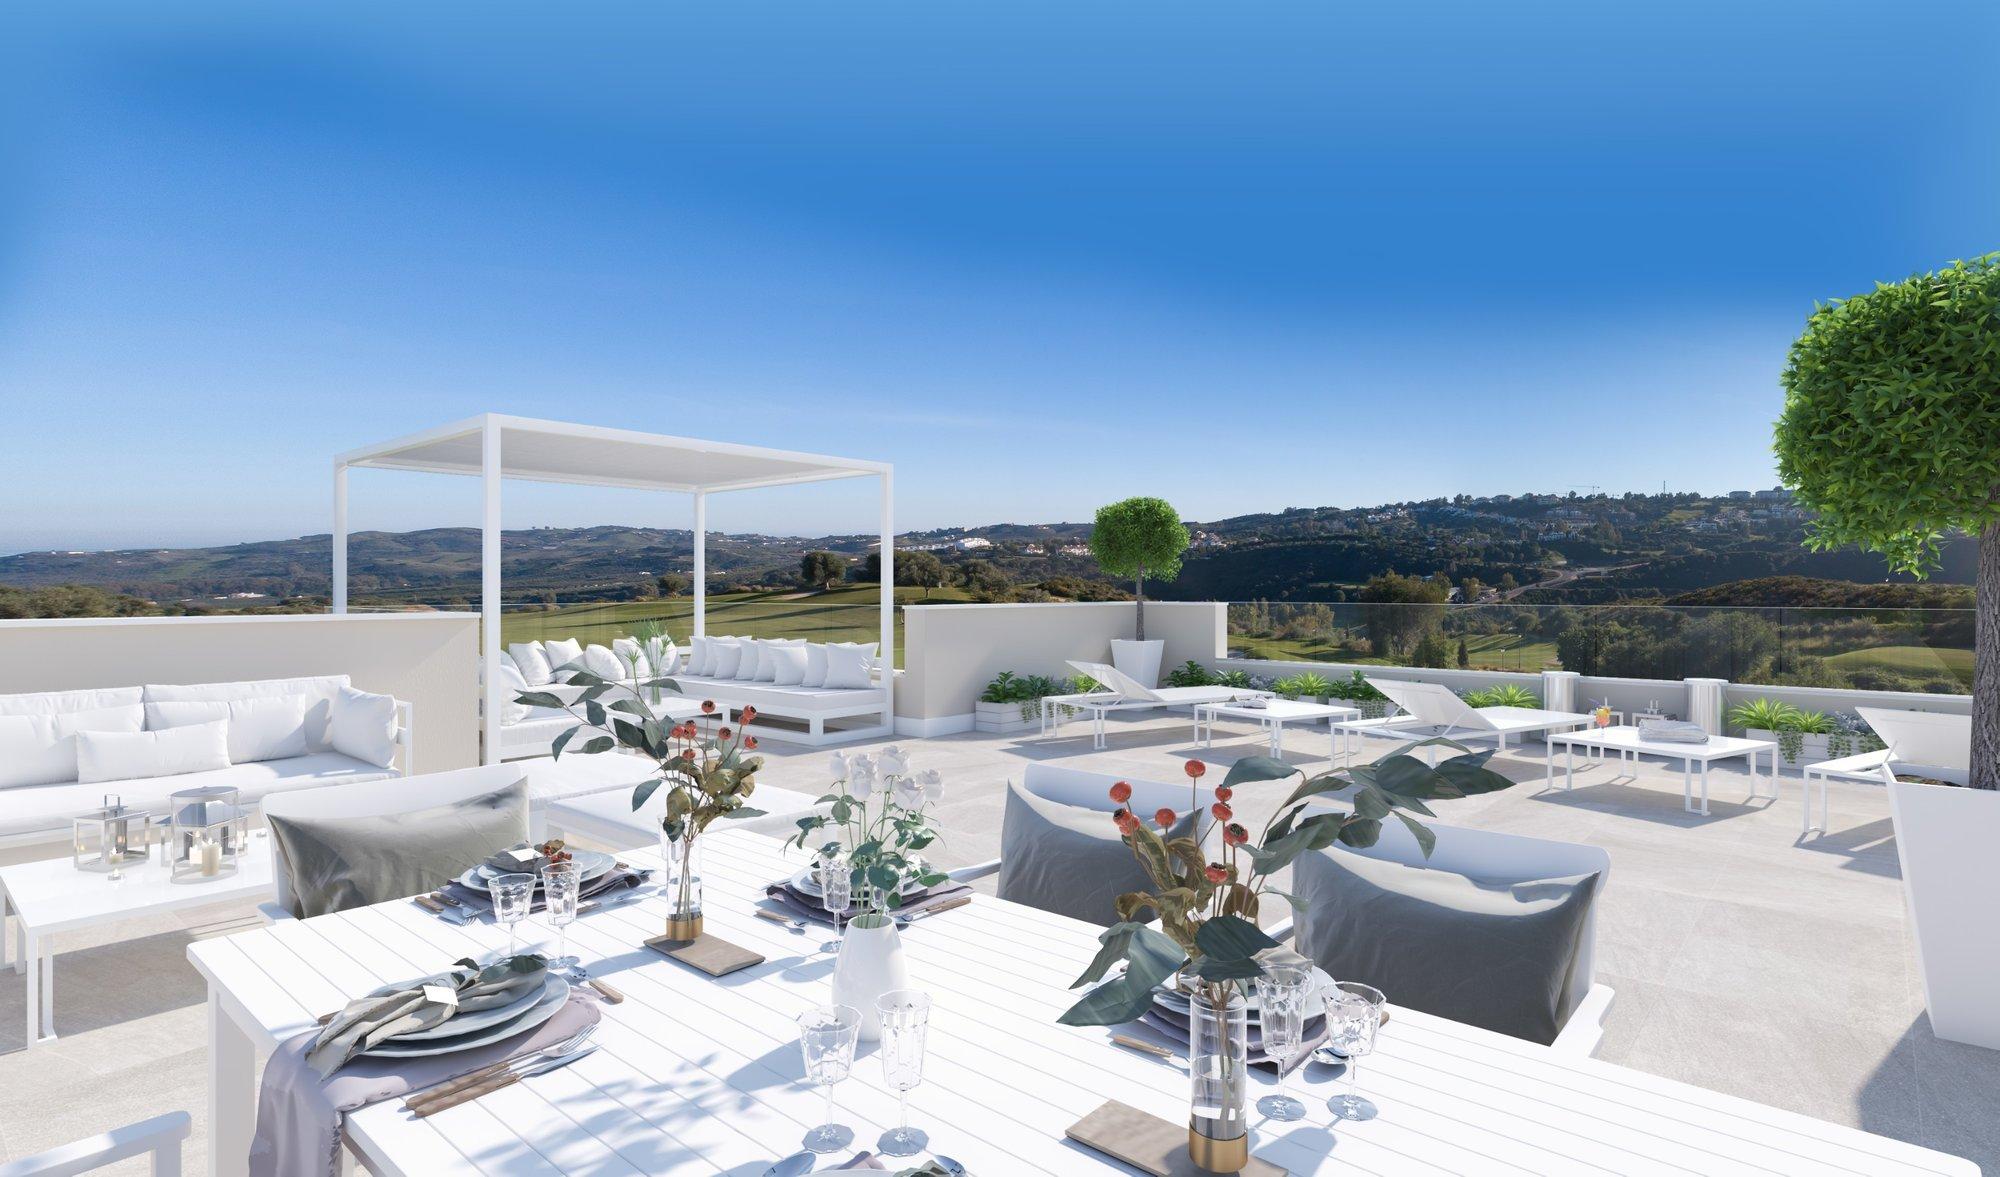 2 Bedroom 2 Bathroom Apartment For Sale In La Cala Golf Mijas Mas Property Marbella